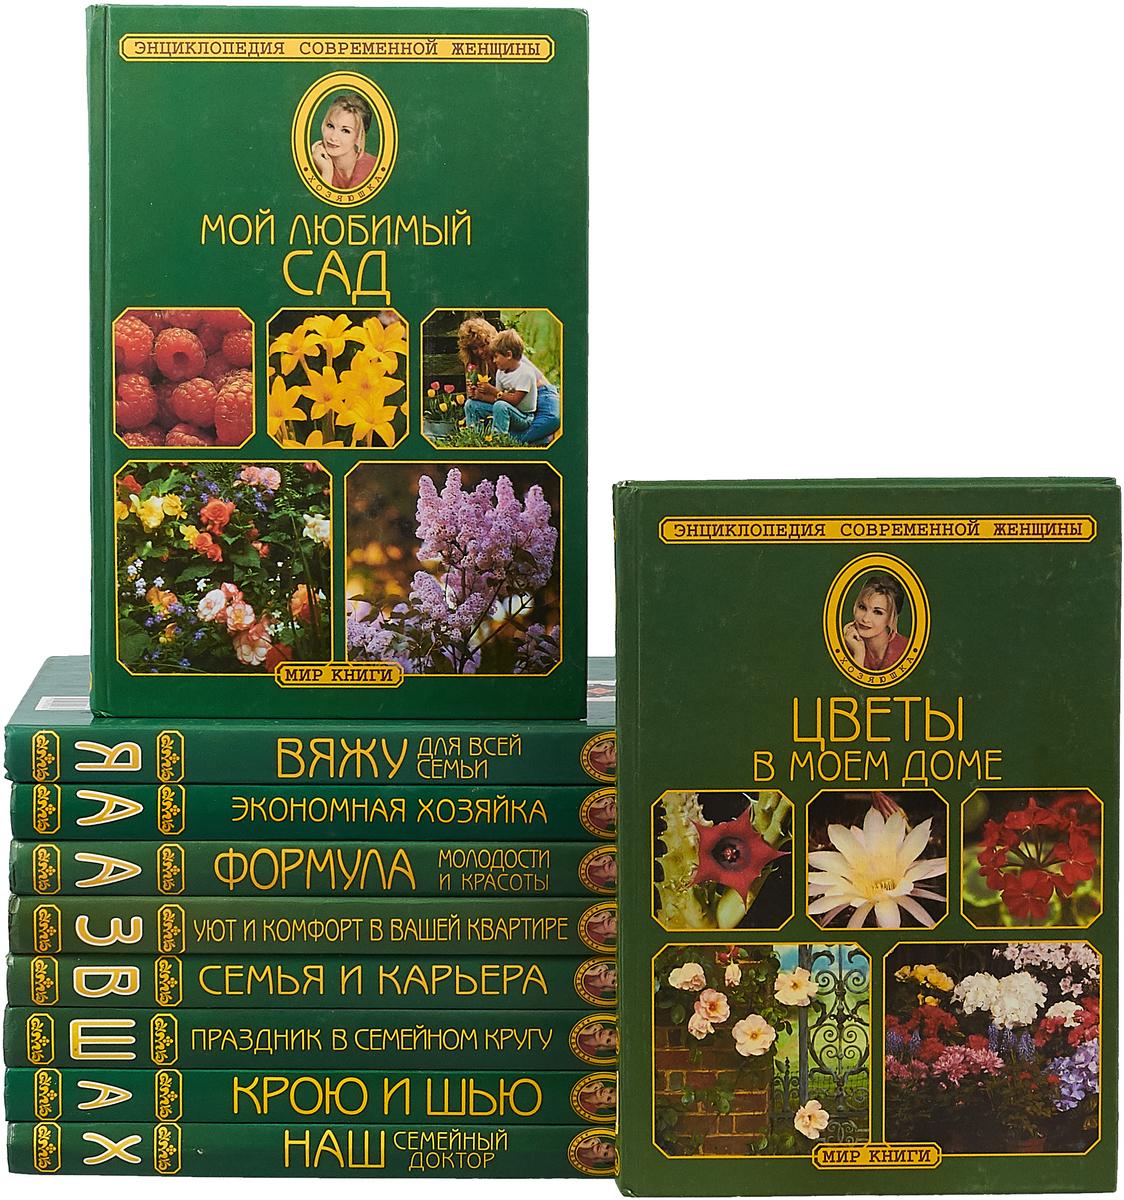 Энциклопедия современной женщины (комплект из 10 книг)